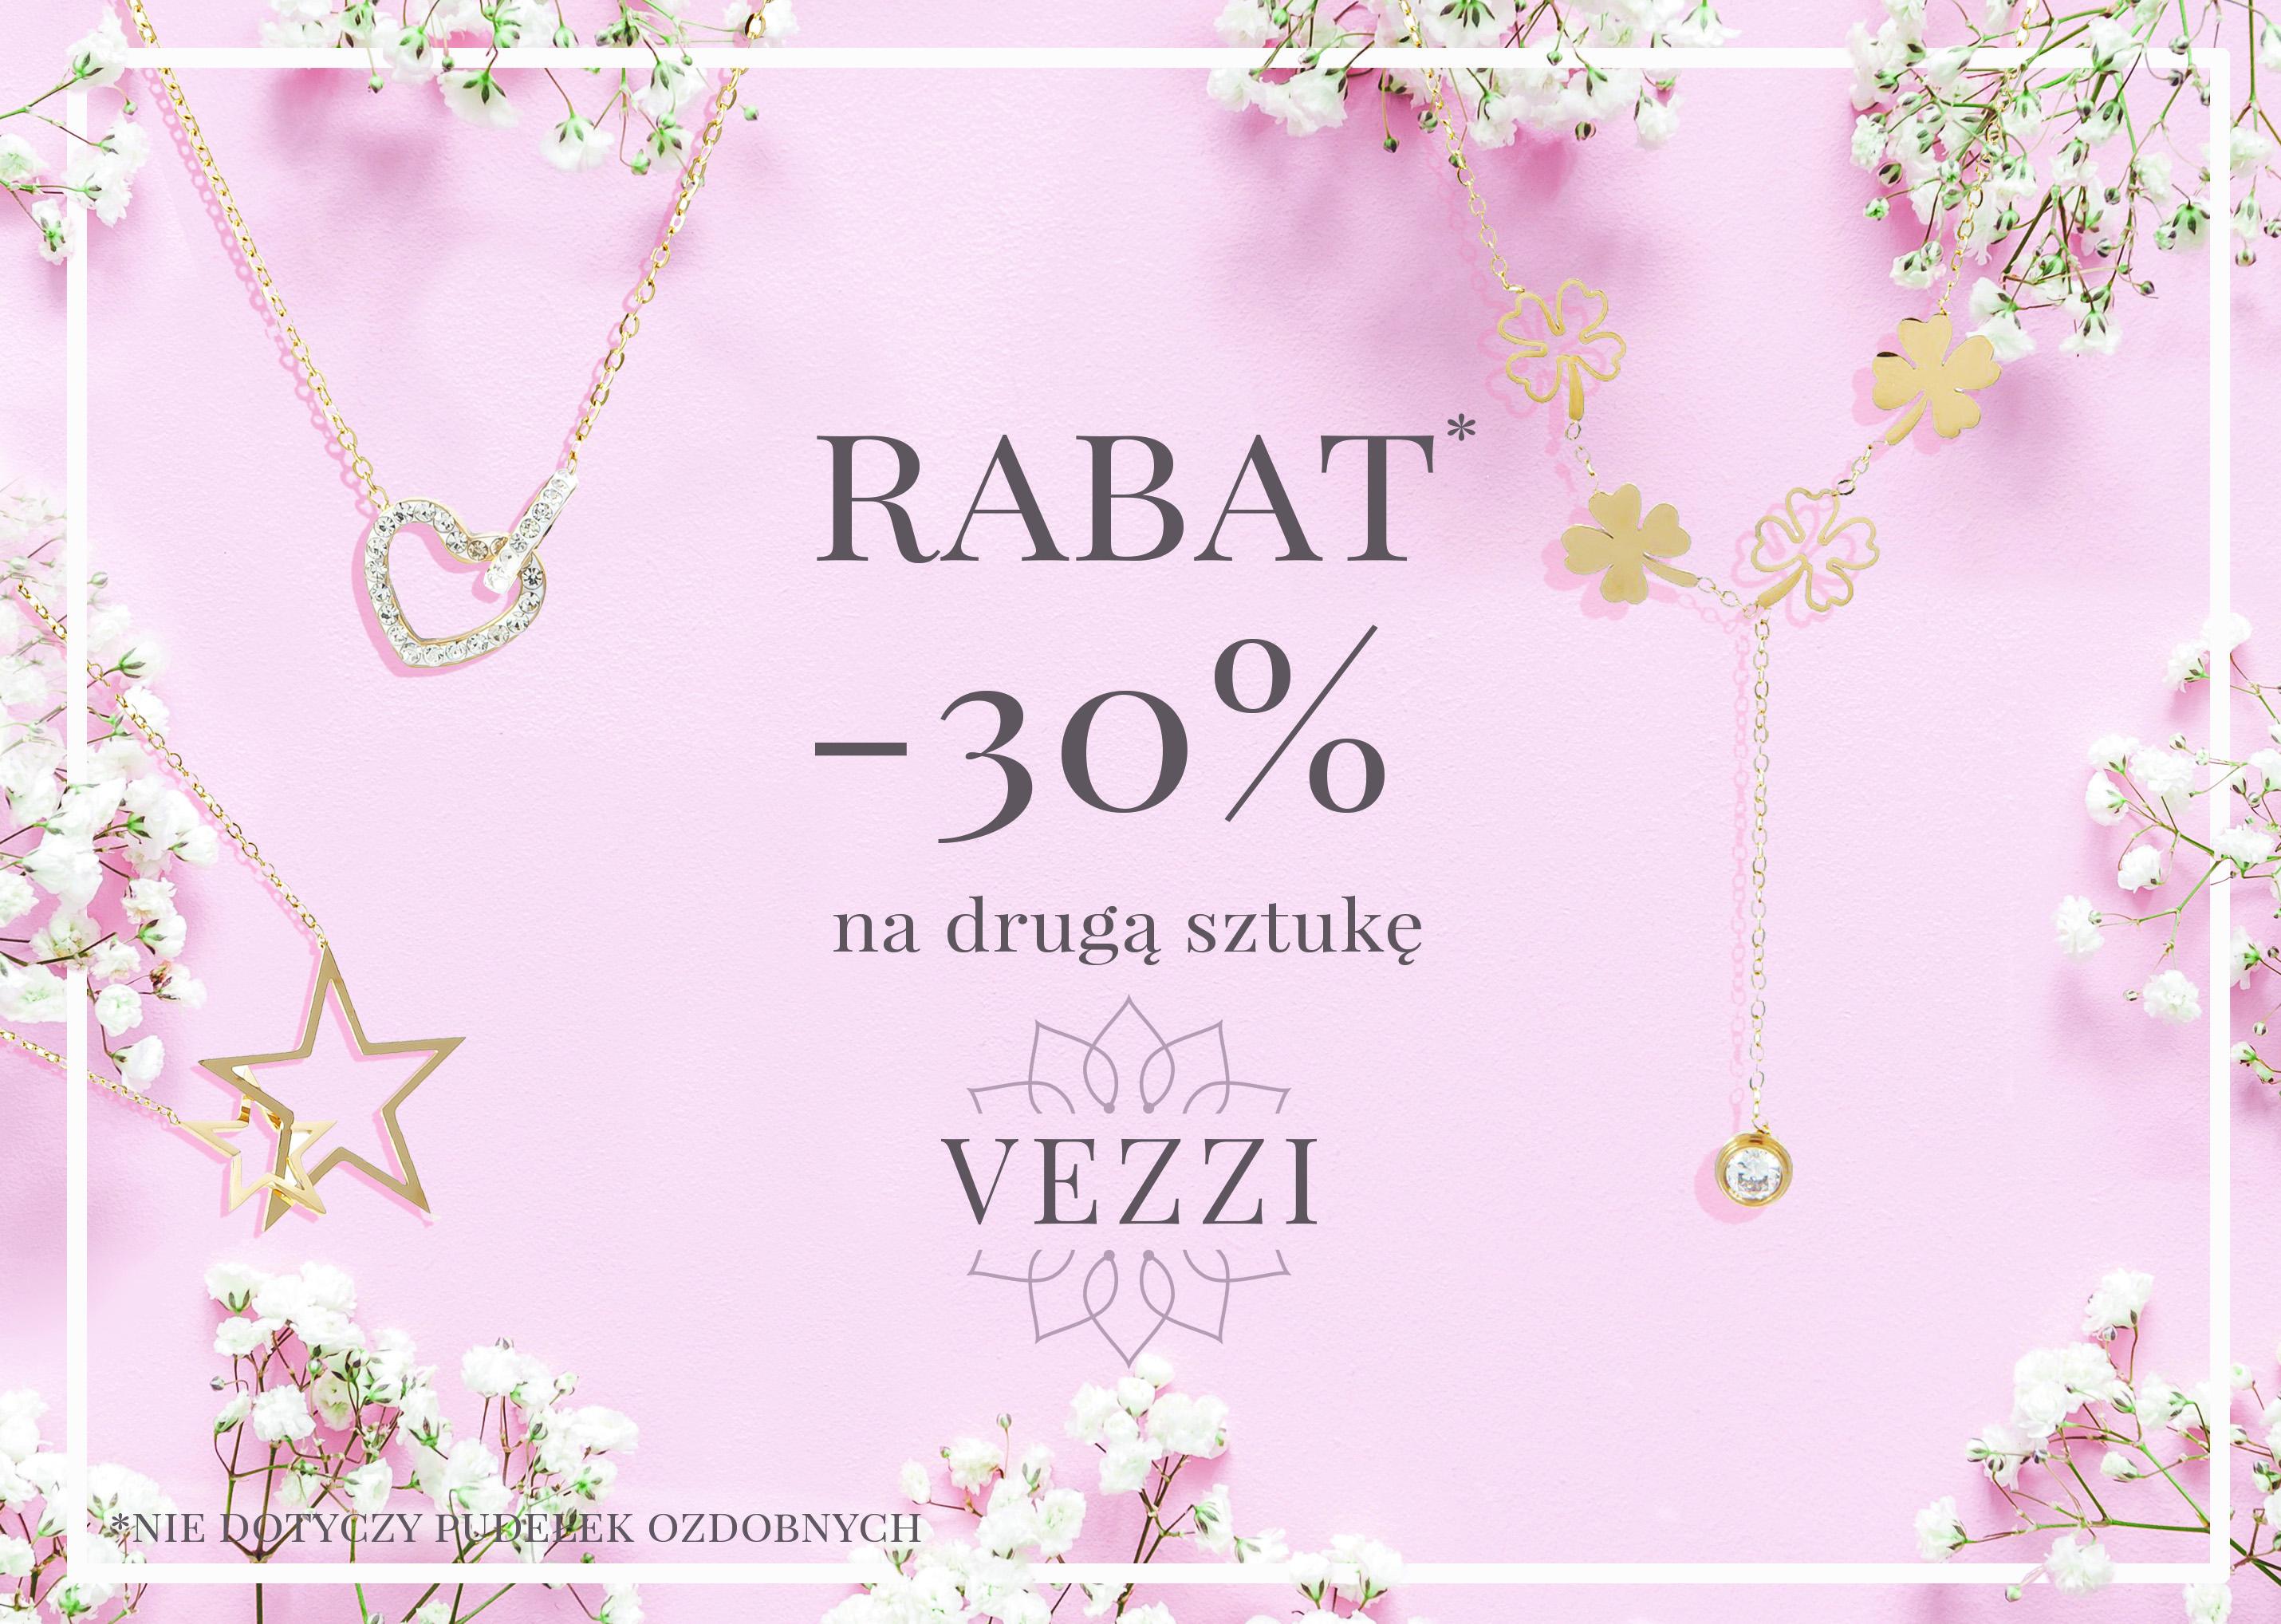 rabat_druga_sztuka